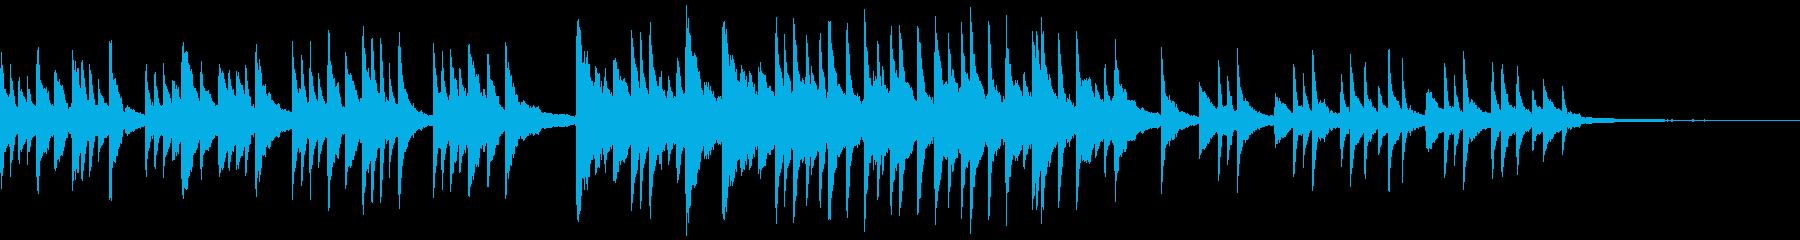 短いピアノソロ曲の再生済みの波形